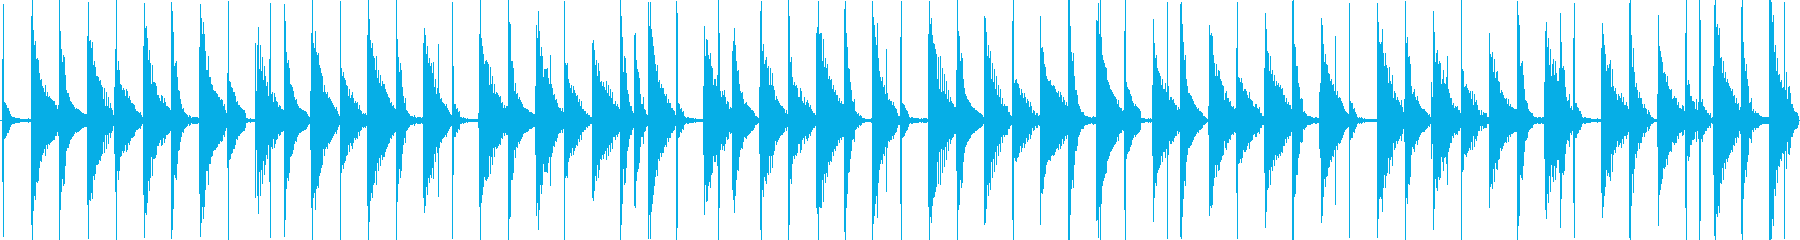 軽快な日常系エレクトロポップの再生済みの波形